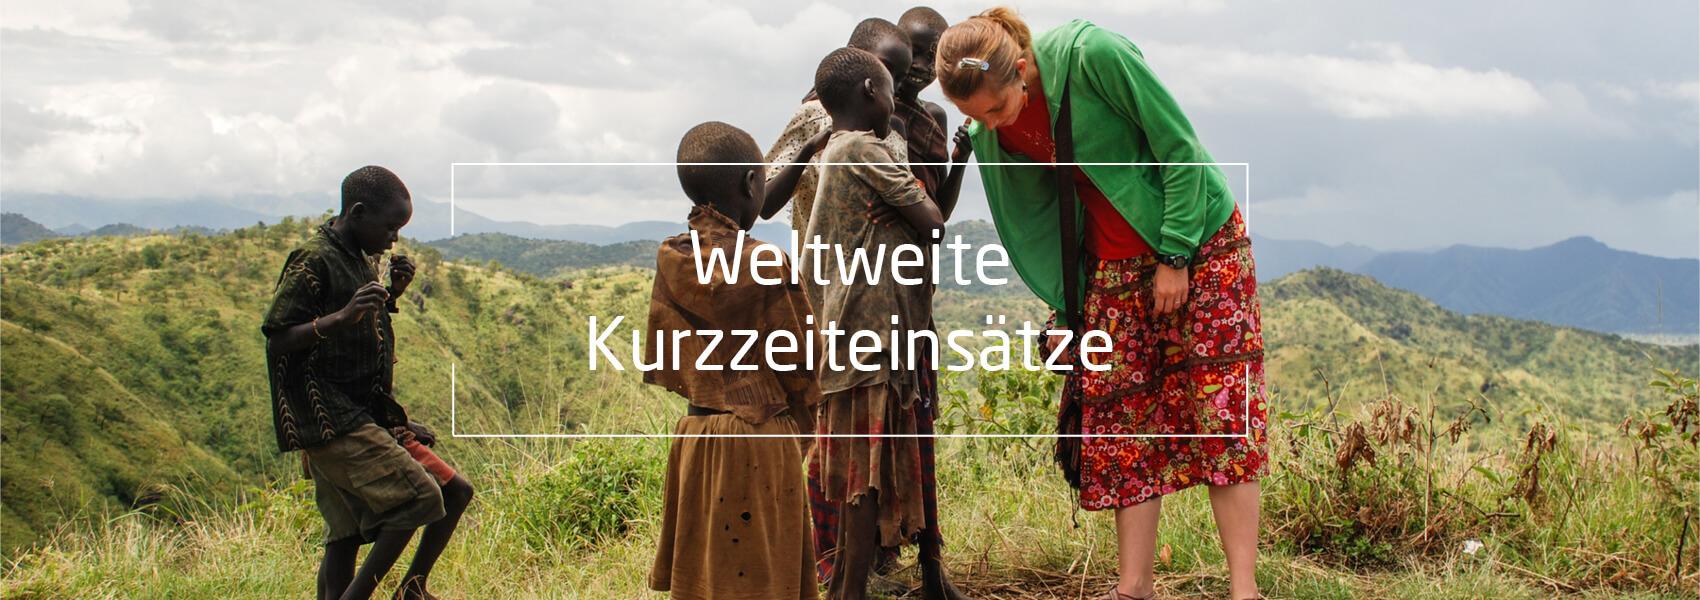 Afrikanische Kinder mit weißer Jugendliche, Text: Weltweite Kurzzeiteinsätze